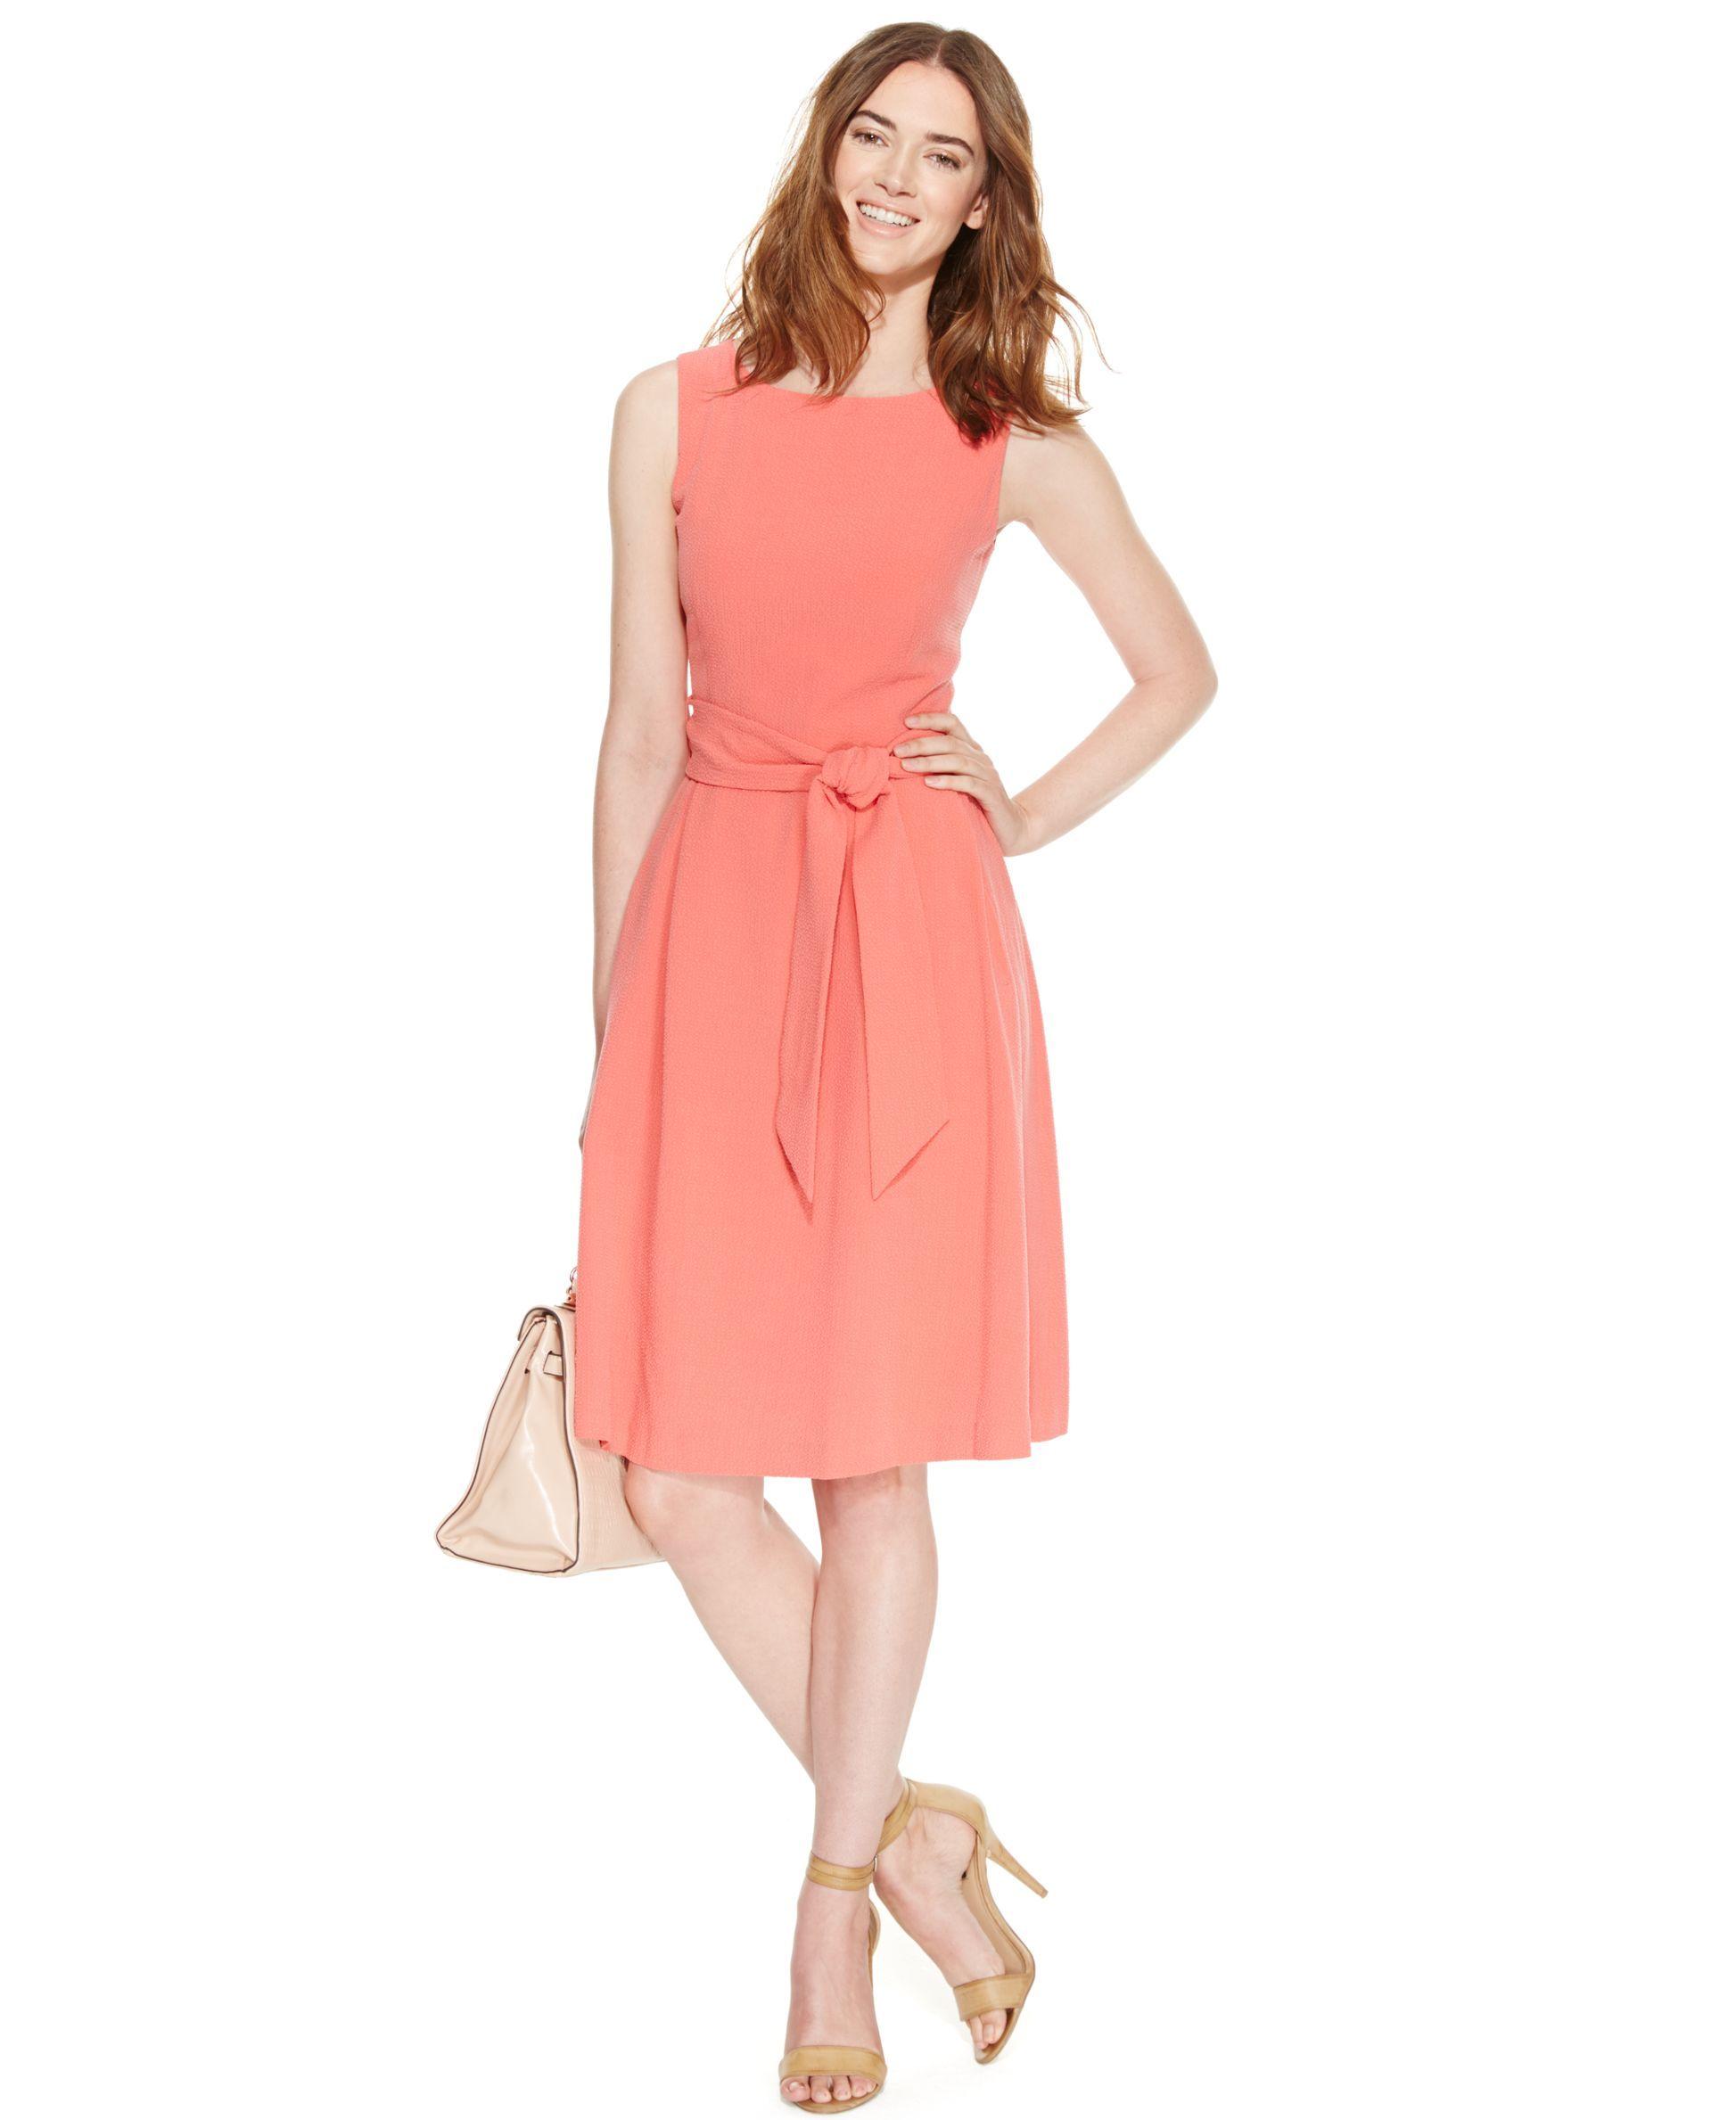 Anne Klein Sleeveless Belted Seersucker Dress | Products | Pinterest